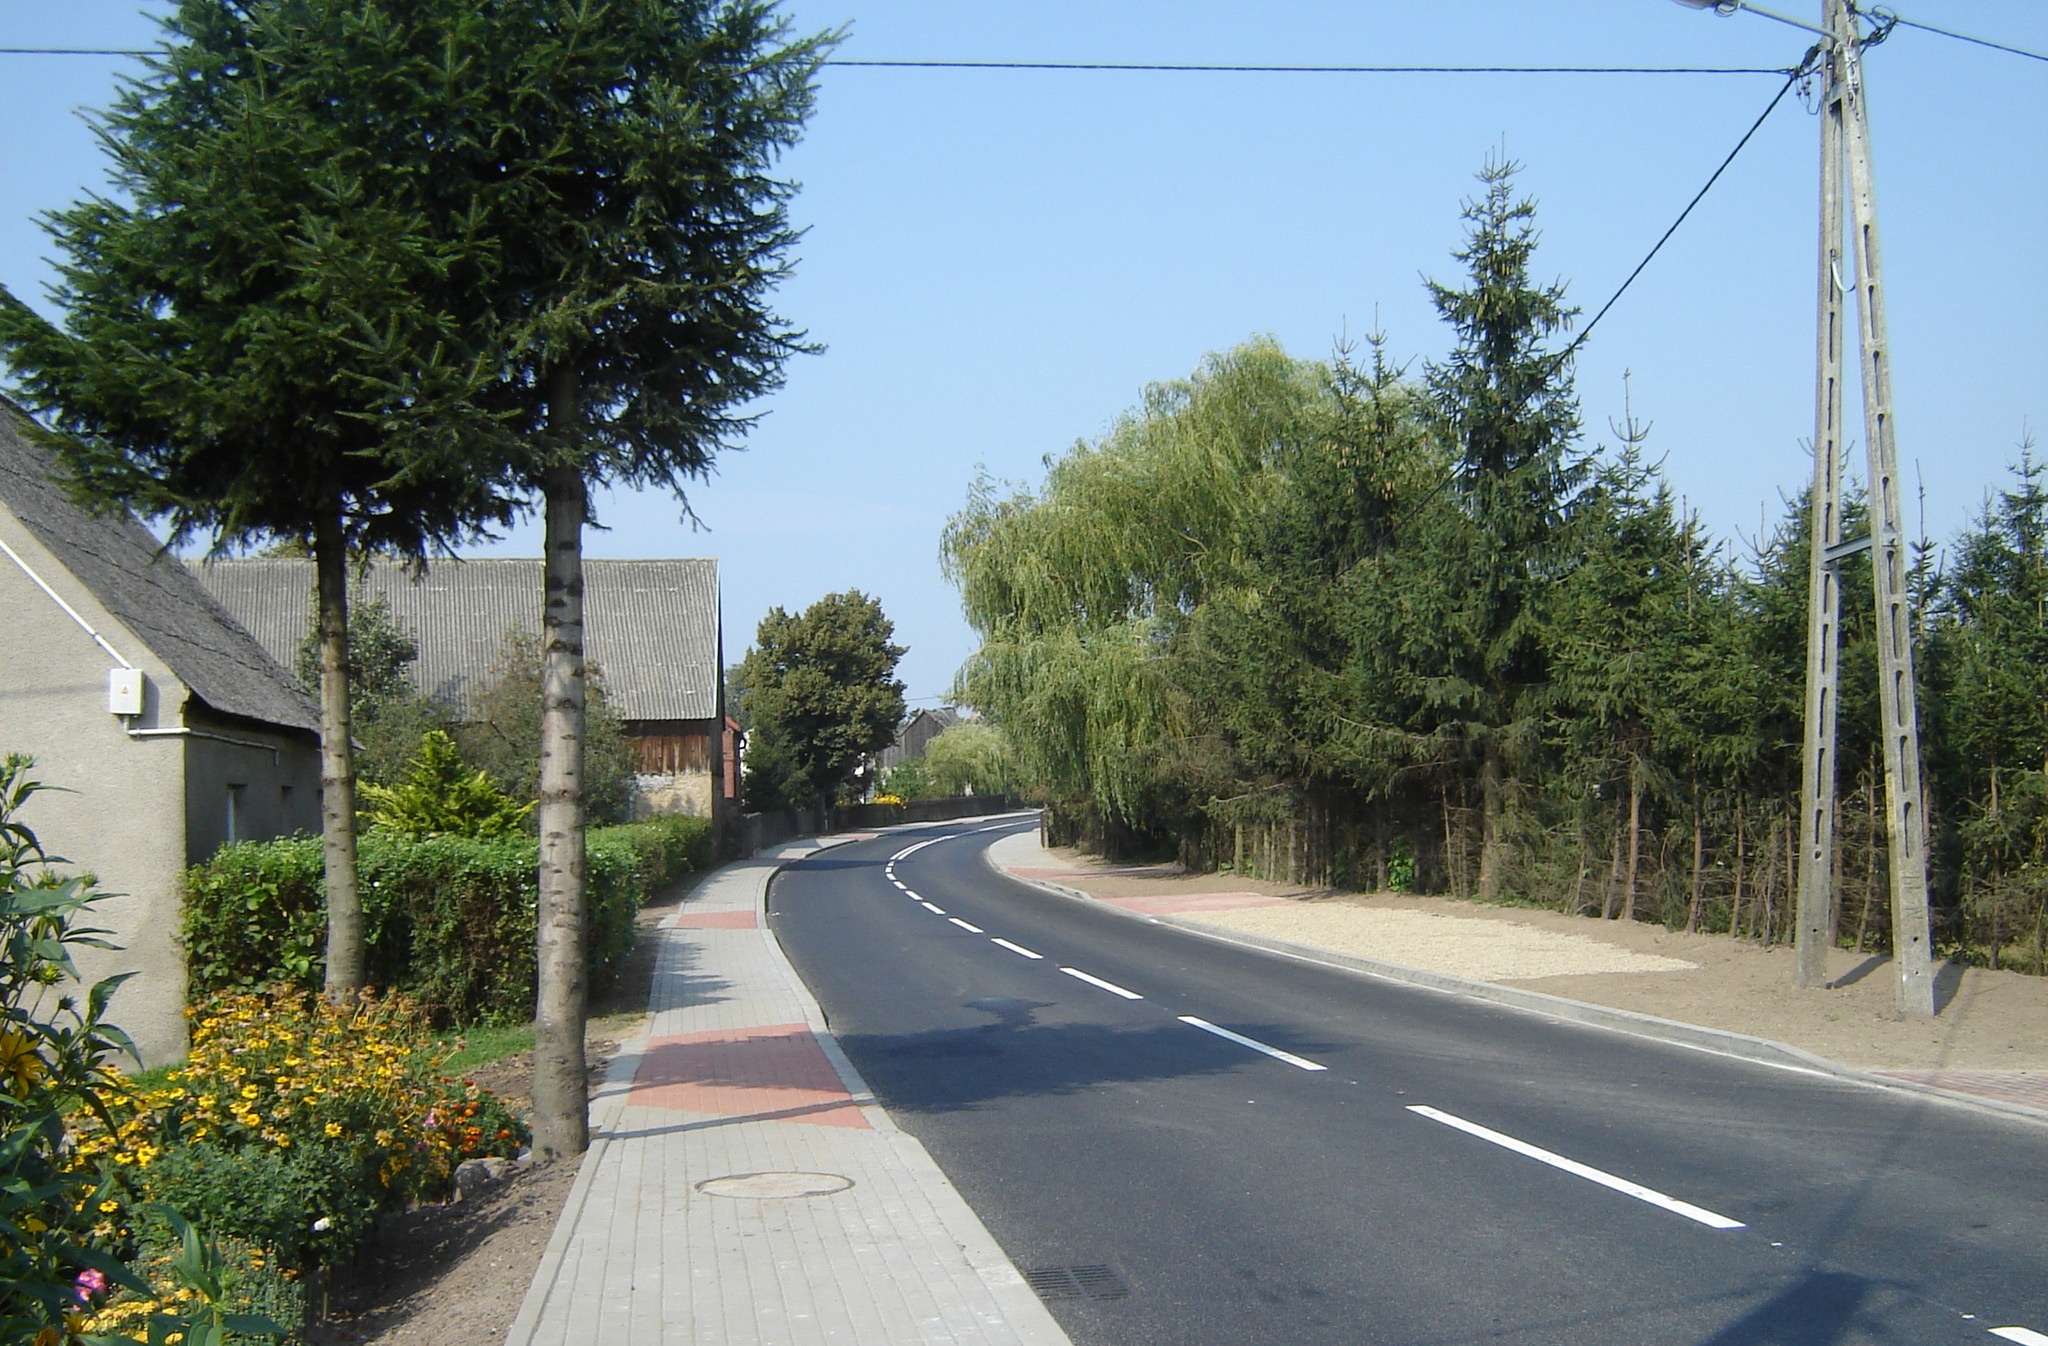 Baner: Zarząd Dróg Wojewódzkich w Zielonej Górze